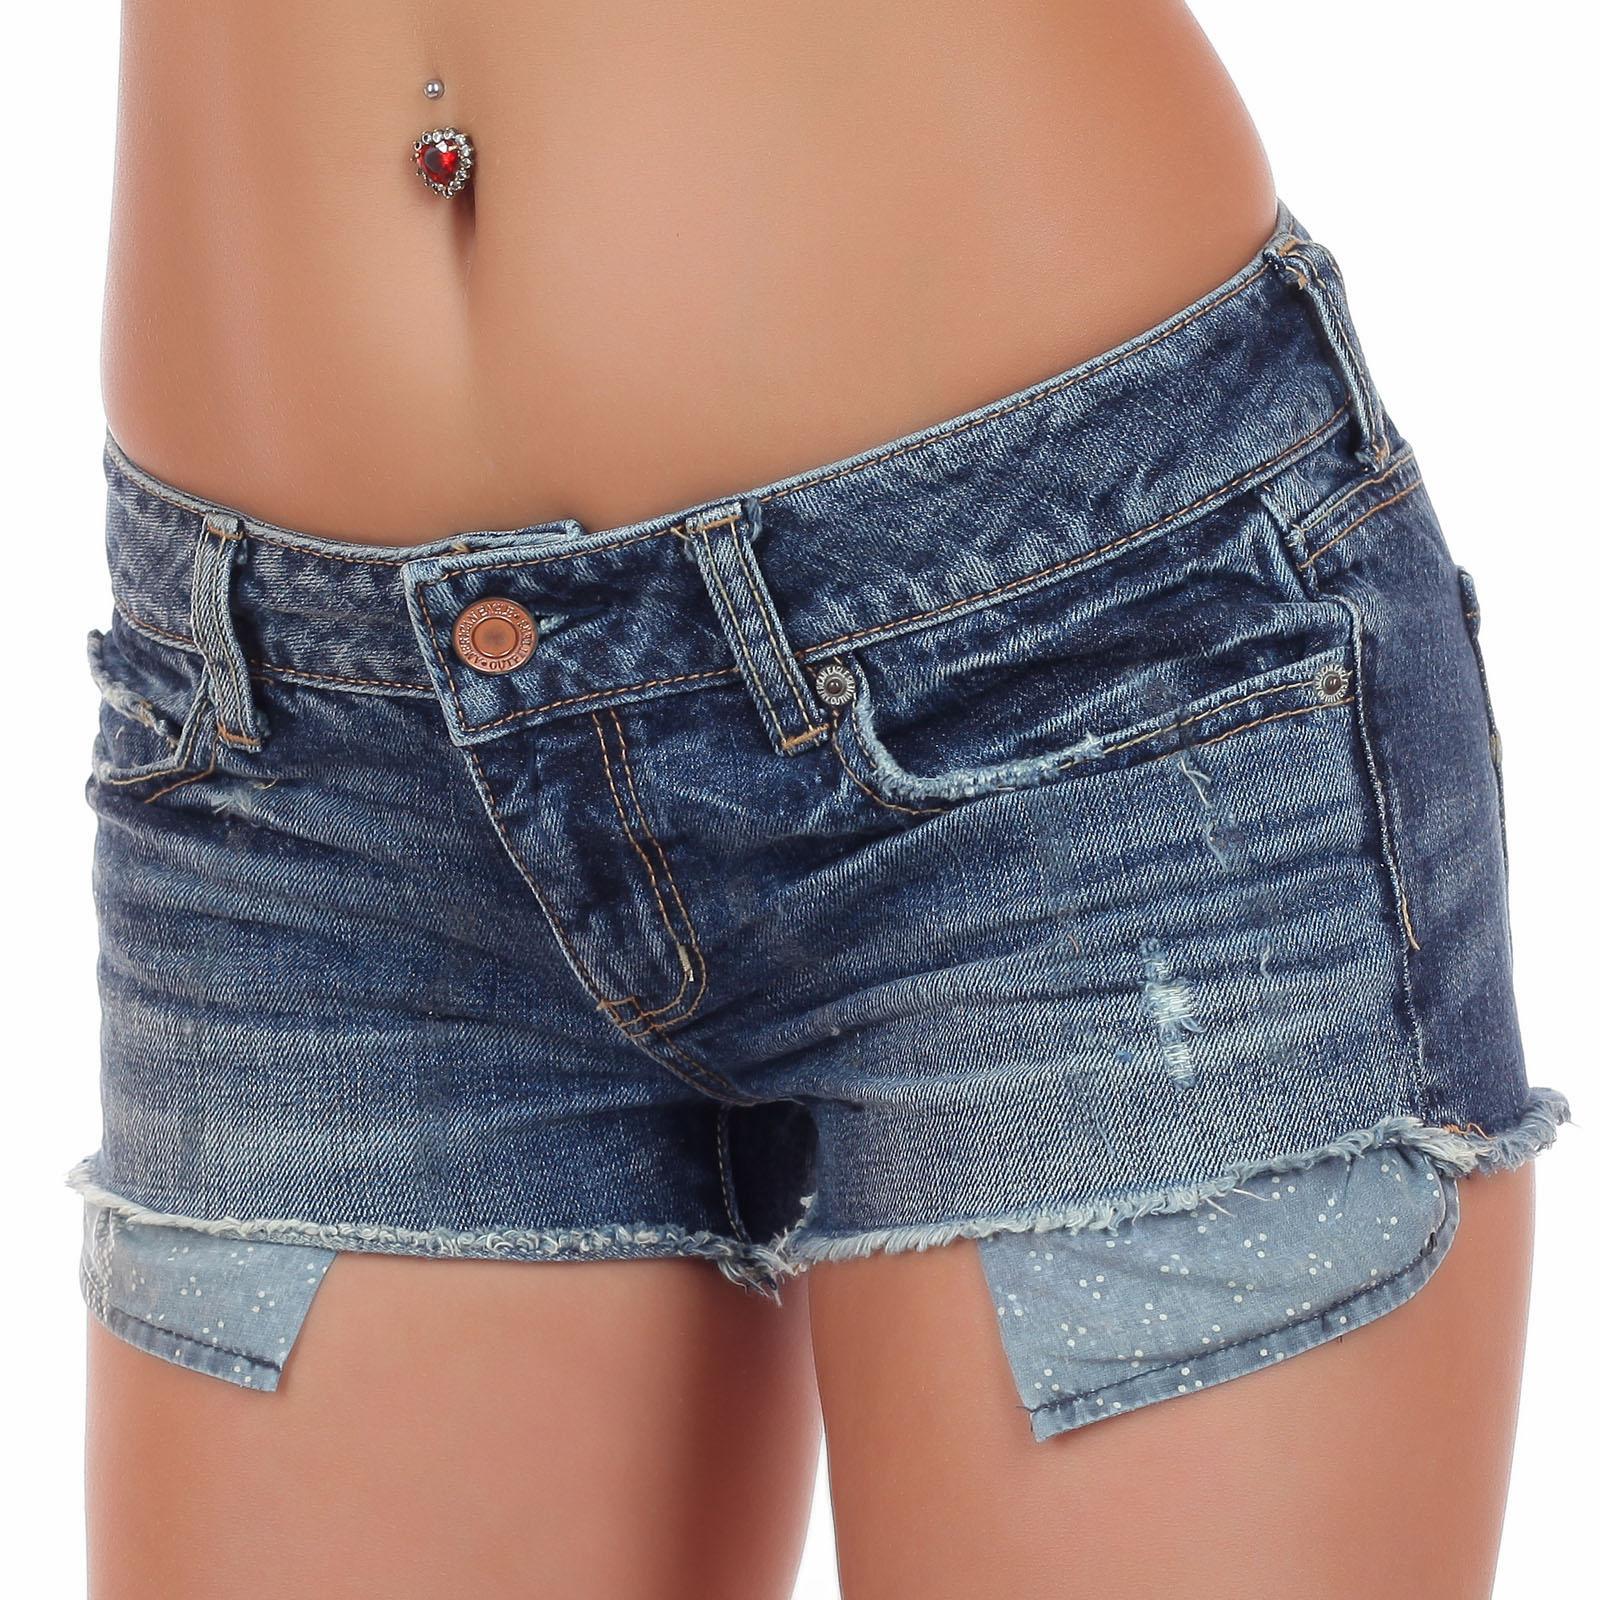 Недорогие женские джинсовые шорты 2017